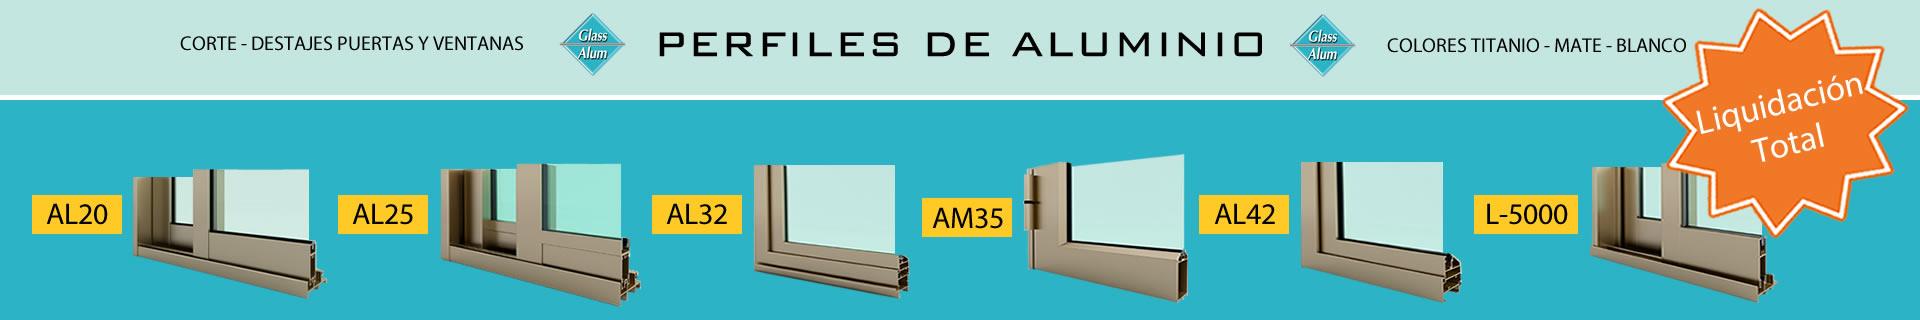 Baner_servicios_perfiles_aluminio2